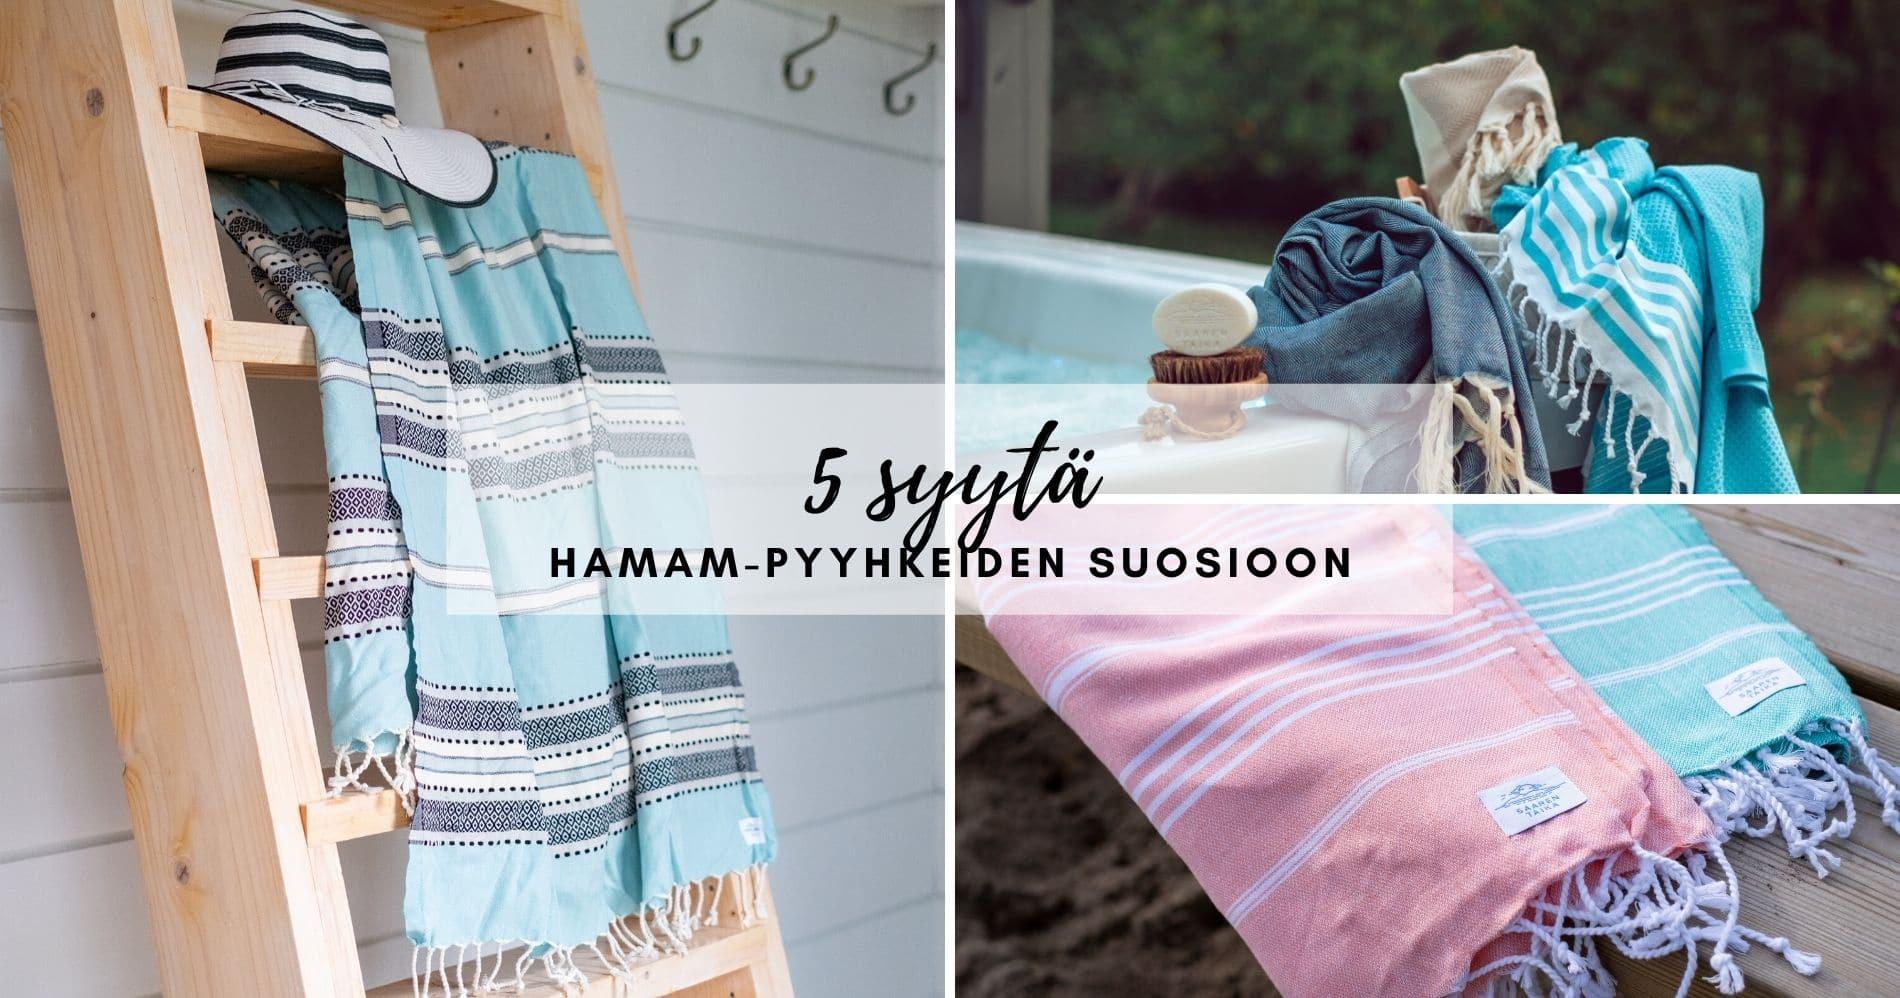 5 syytä hamam pyyhkeiden suosioon